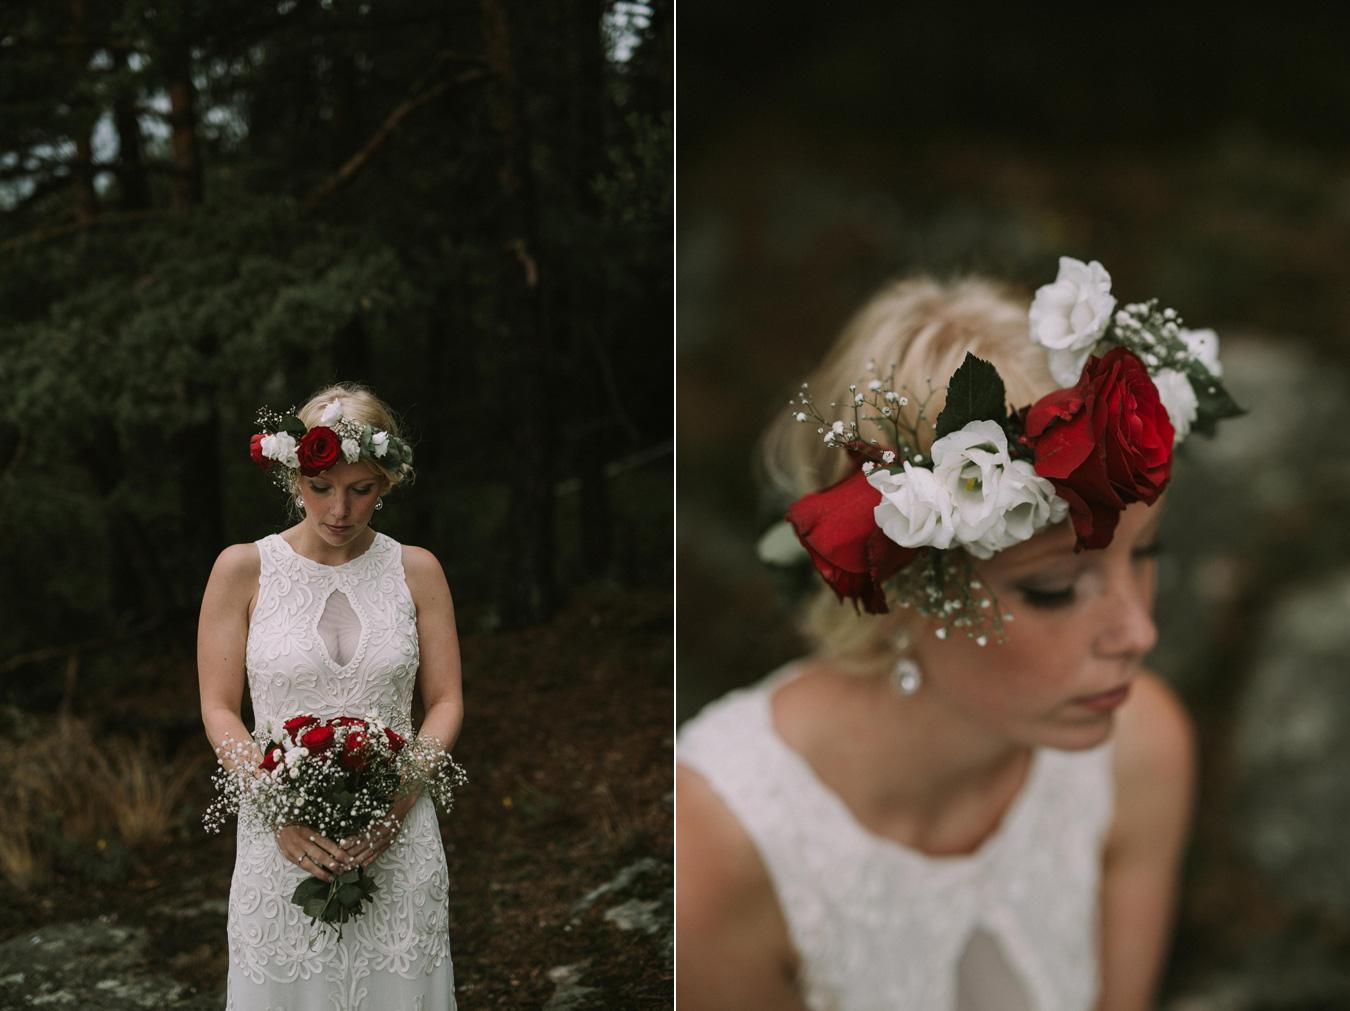 040-bryllupsfotograf-oslo-drobak-laavebryllup-tone-tvedt.jpg